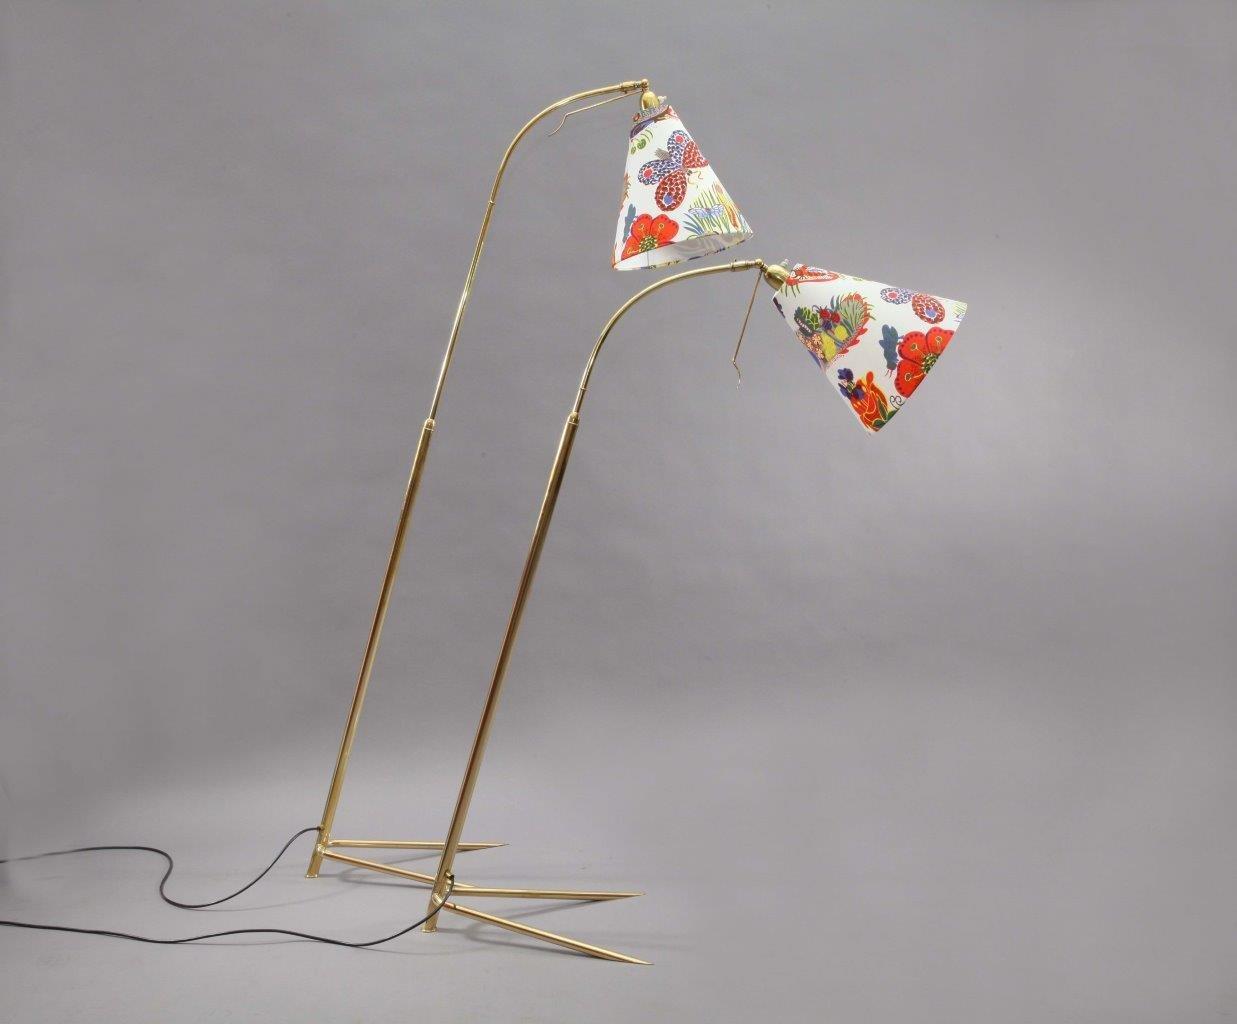 italienische stehlampe von arredoluce 1950 bei pamono kaufen. Black Bedroom Furniture Sets. Home Design Ideas